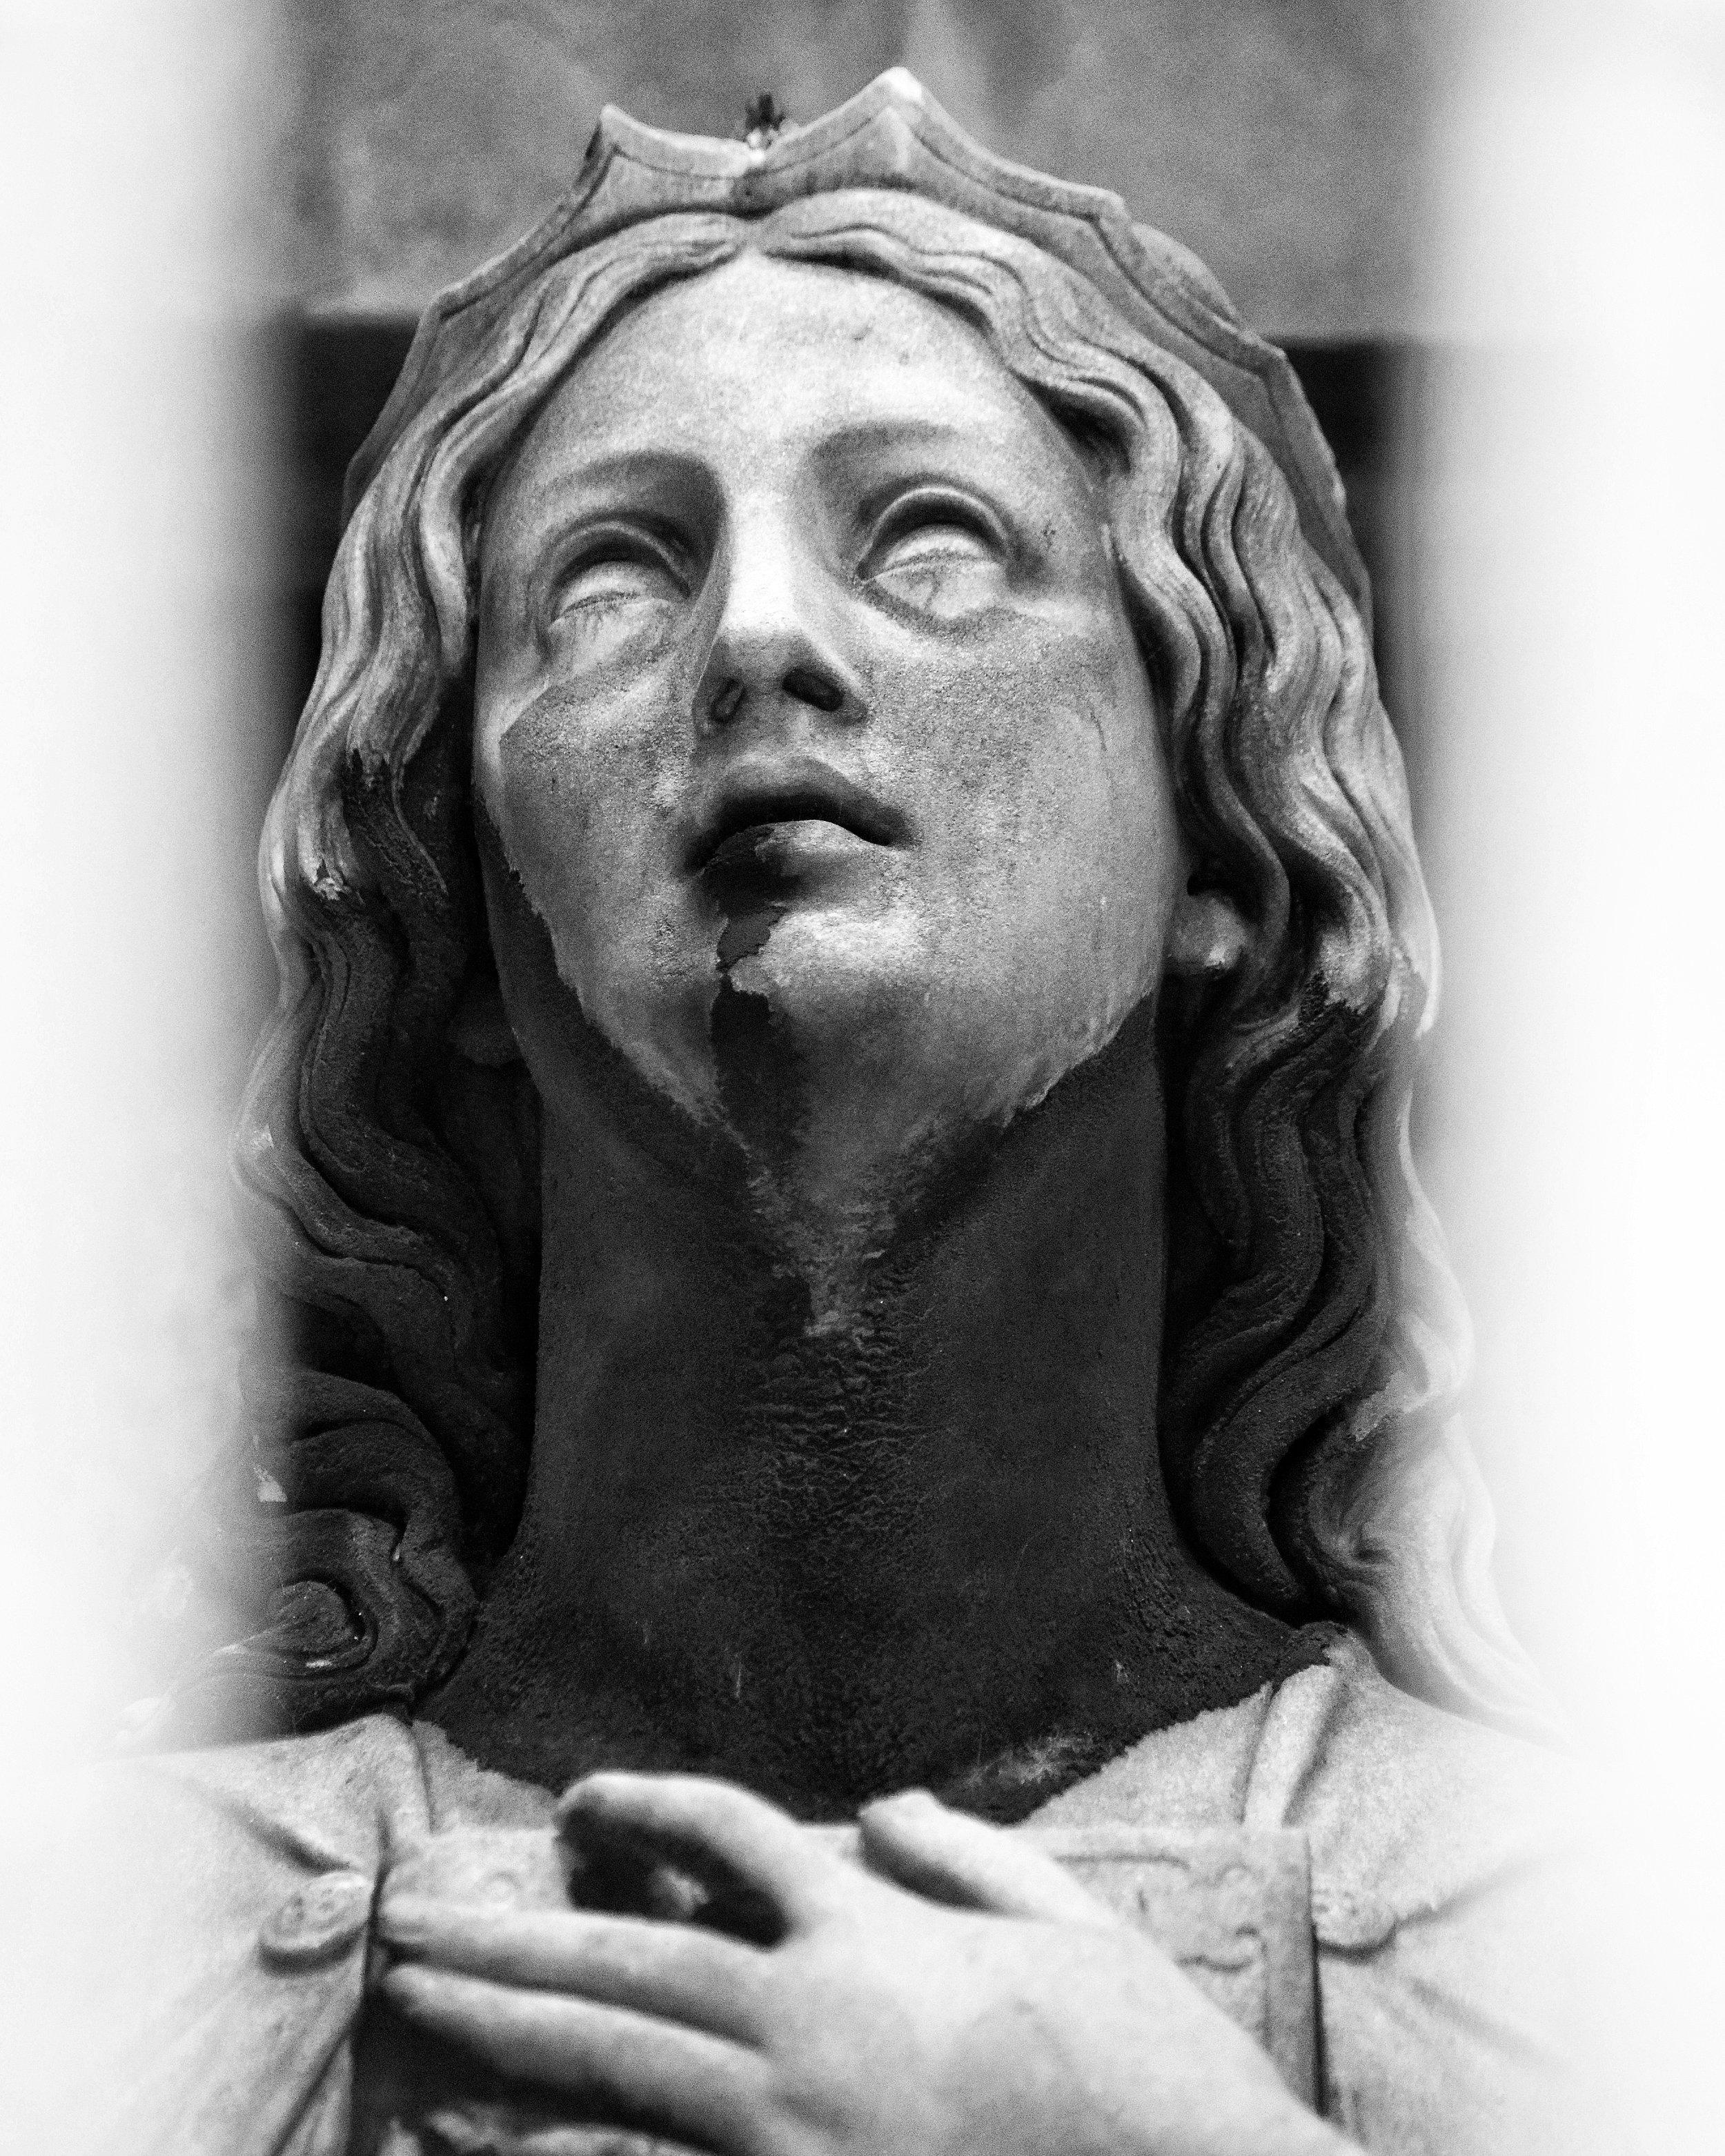 Our Lady, The Necropolis, Glasgow